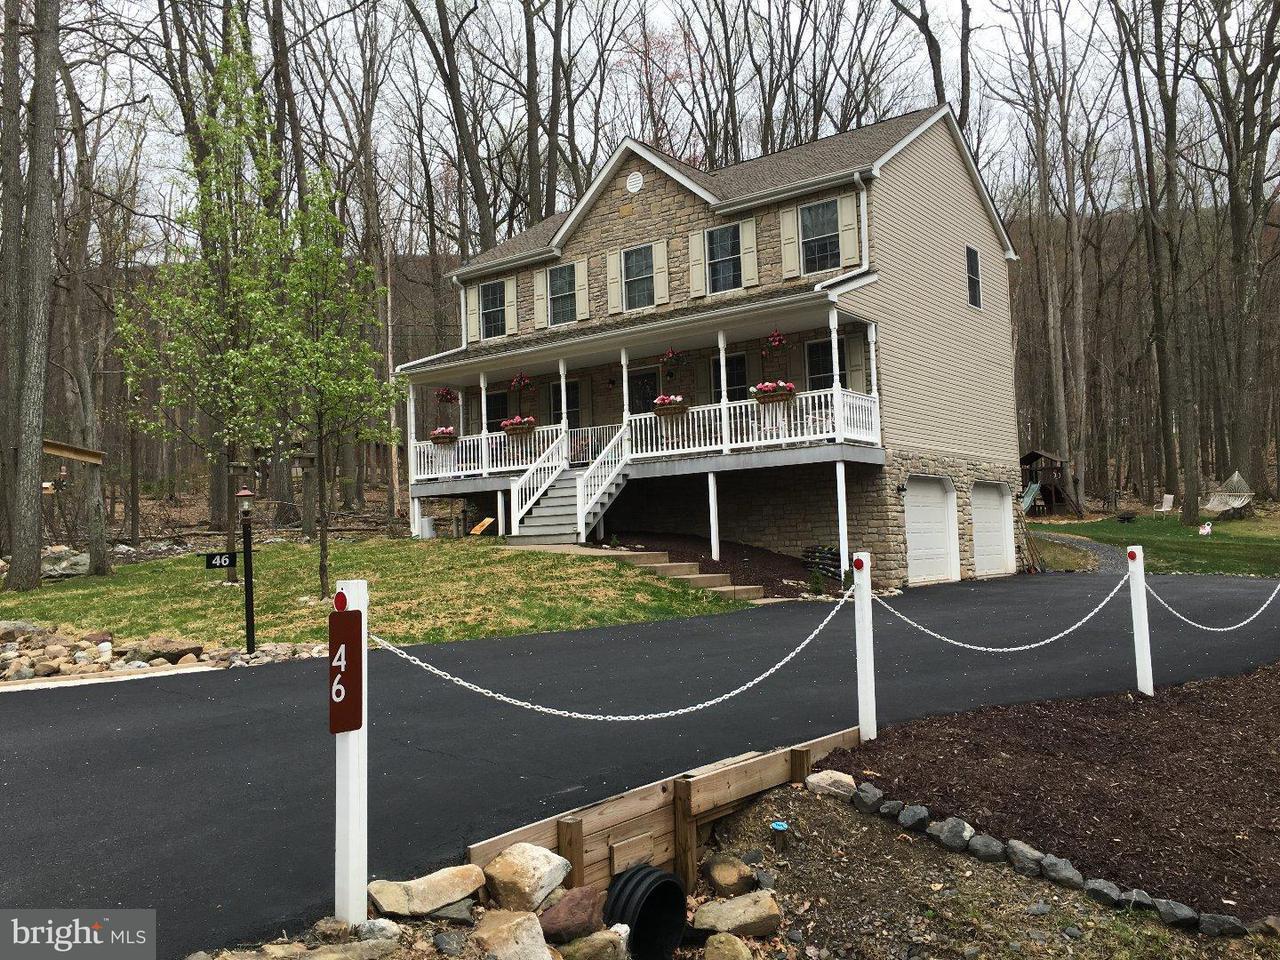 Частный односемейный дом для того Продажа на 46 E TUSCARORA Drive Hazle Township, Пенсильвания 18202 Соединенные Штаты